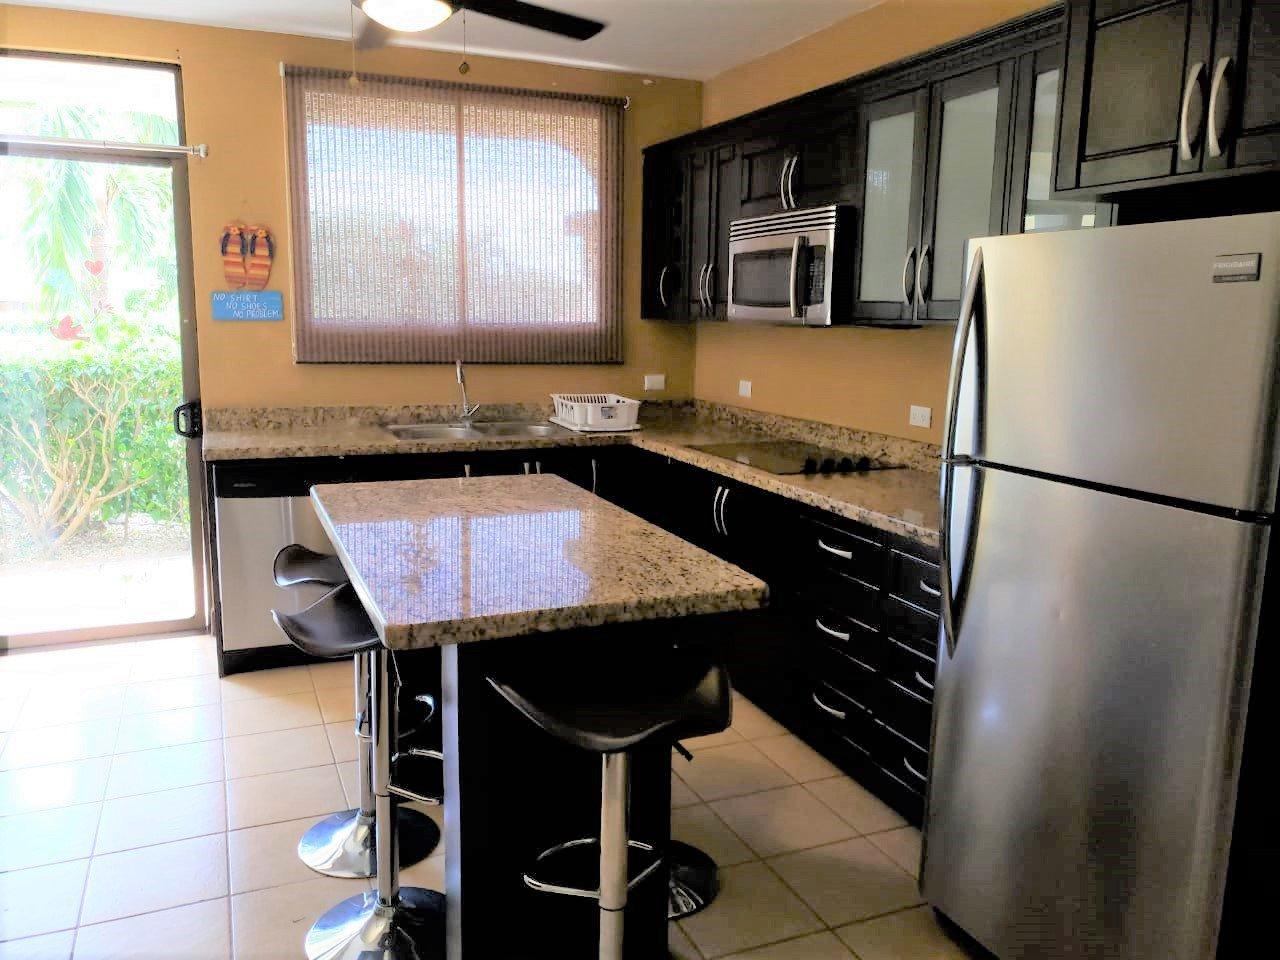 Main Photo: Vista Perfecta in Playas Del Coco: Vista perfecta Townhouse for sale (Playas Del coco)